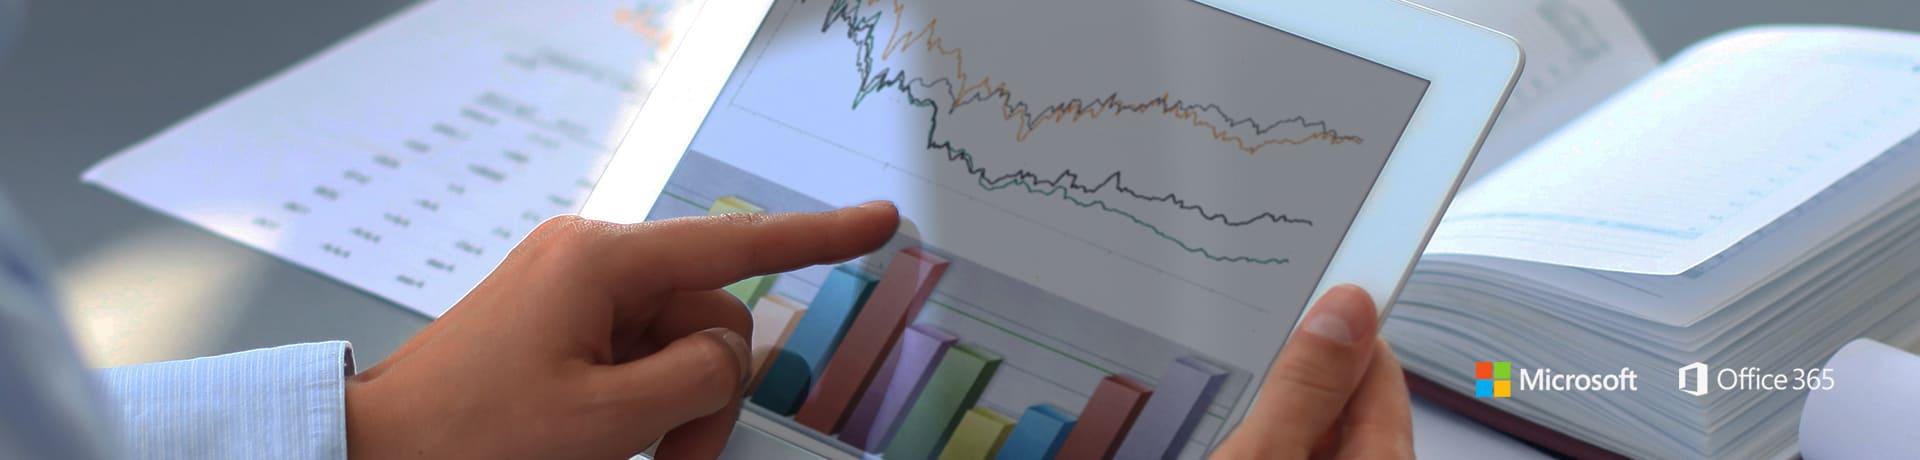 Оптимизация затрат на ИТ услуги и сервисы